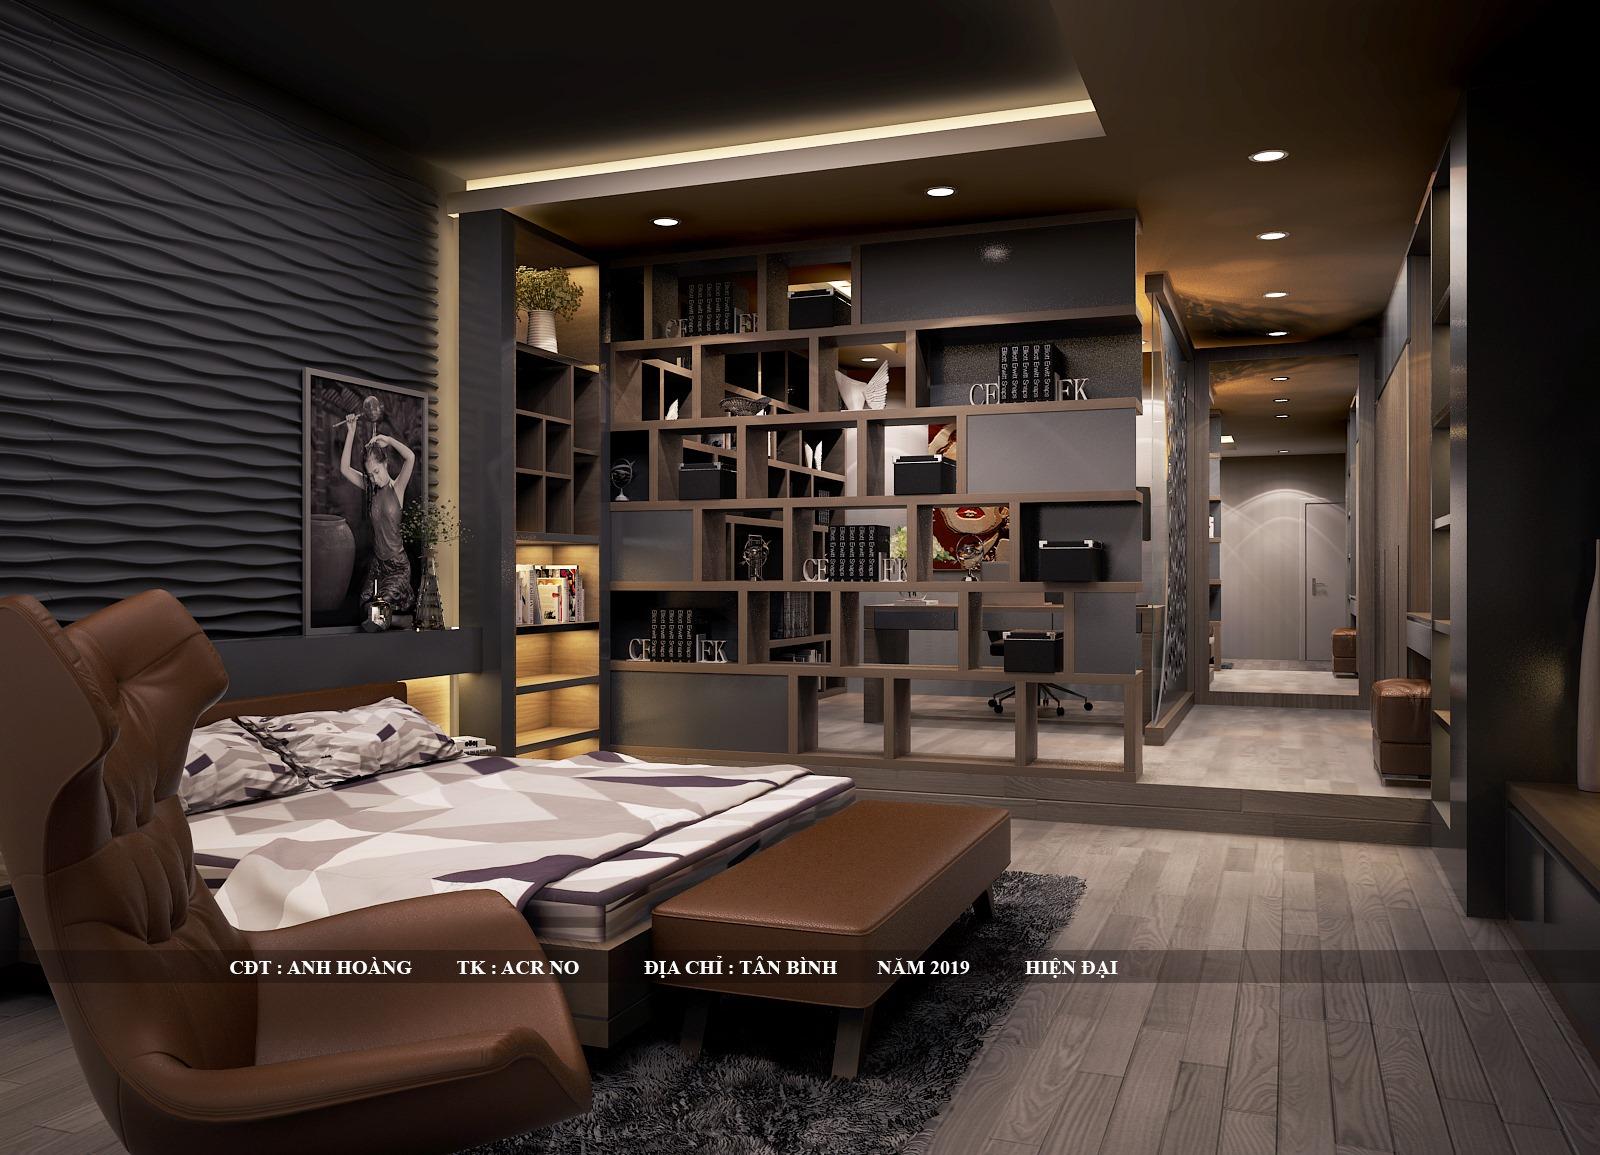 Phòng ngủ tích hợp phòng làm việc hiện đại sang trọng